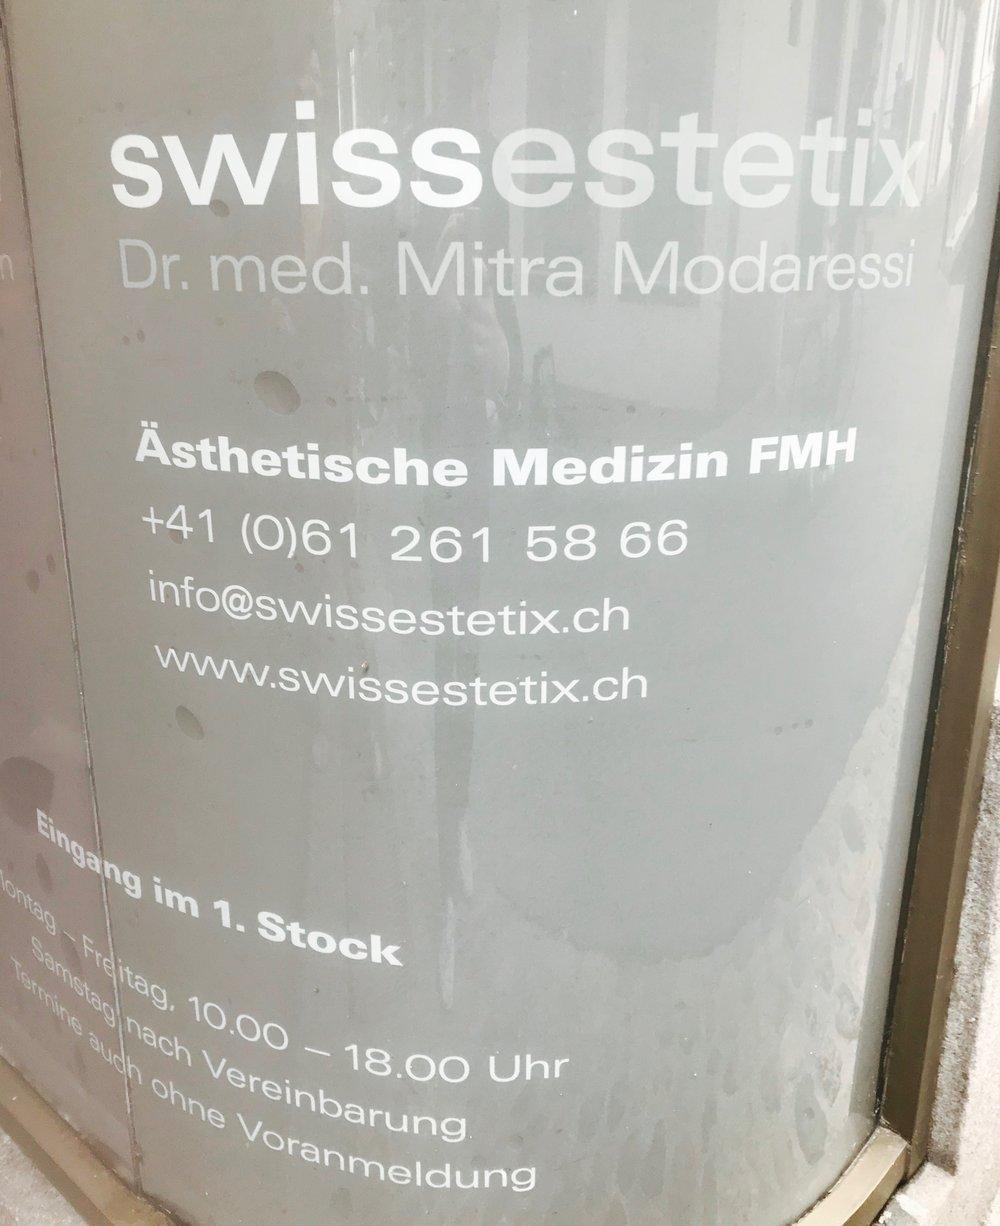 swissestetix_outside_03.jpg